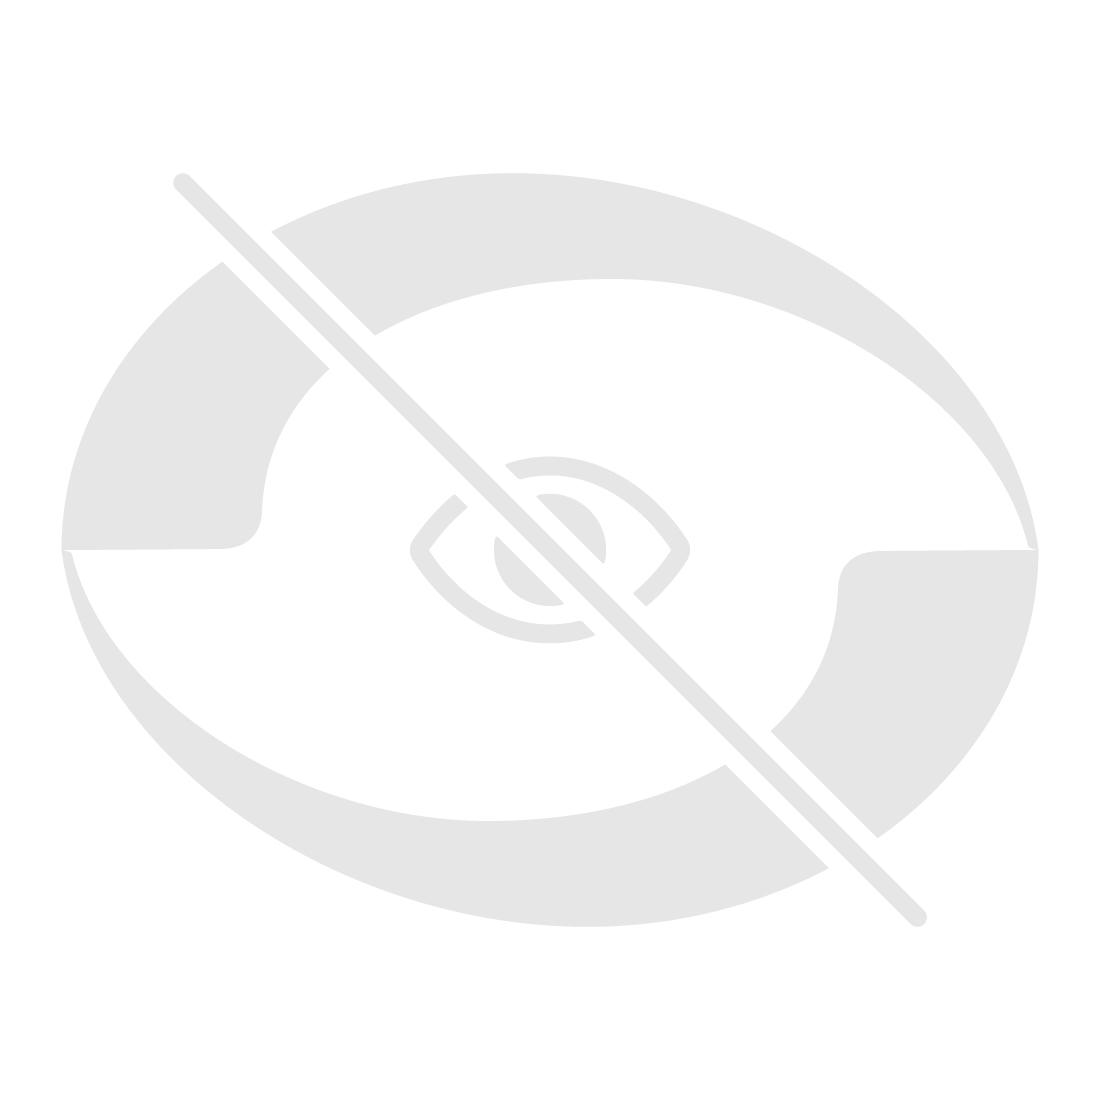 D8x7.8HA-YE2 • Fujifilm